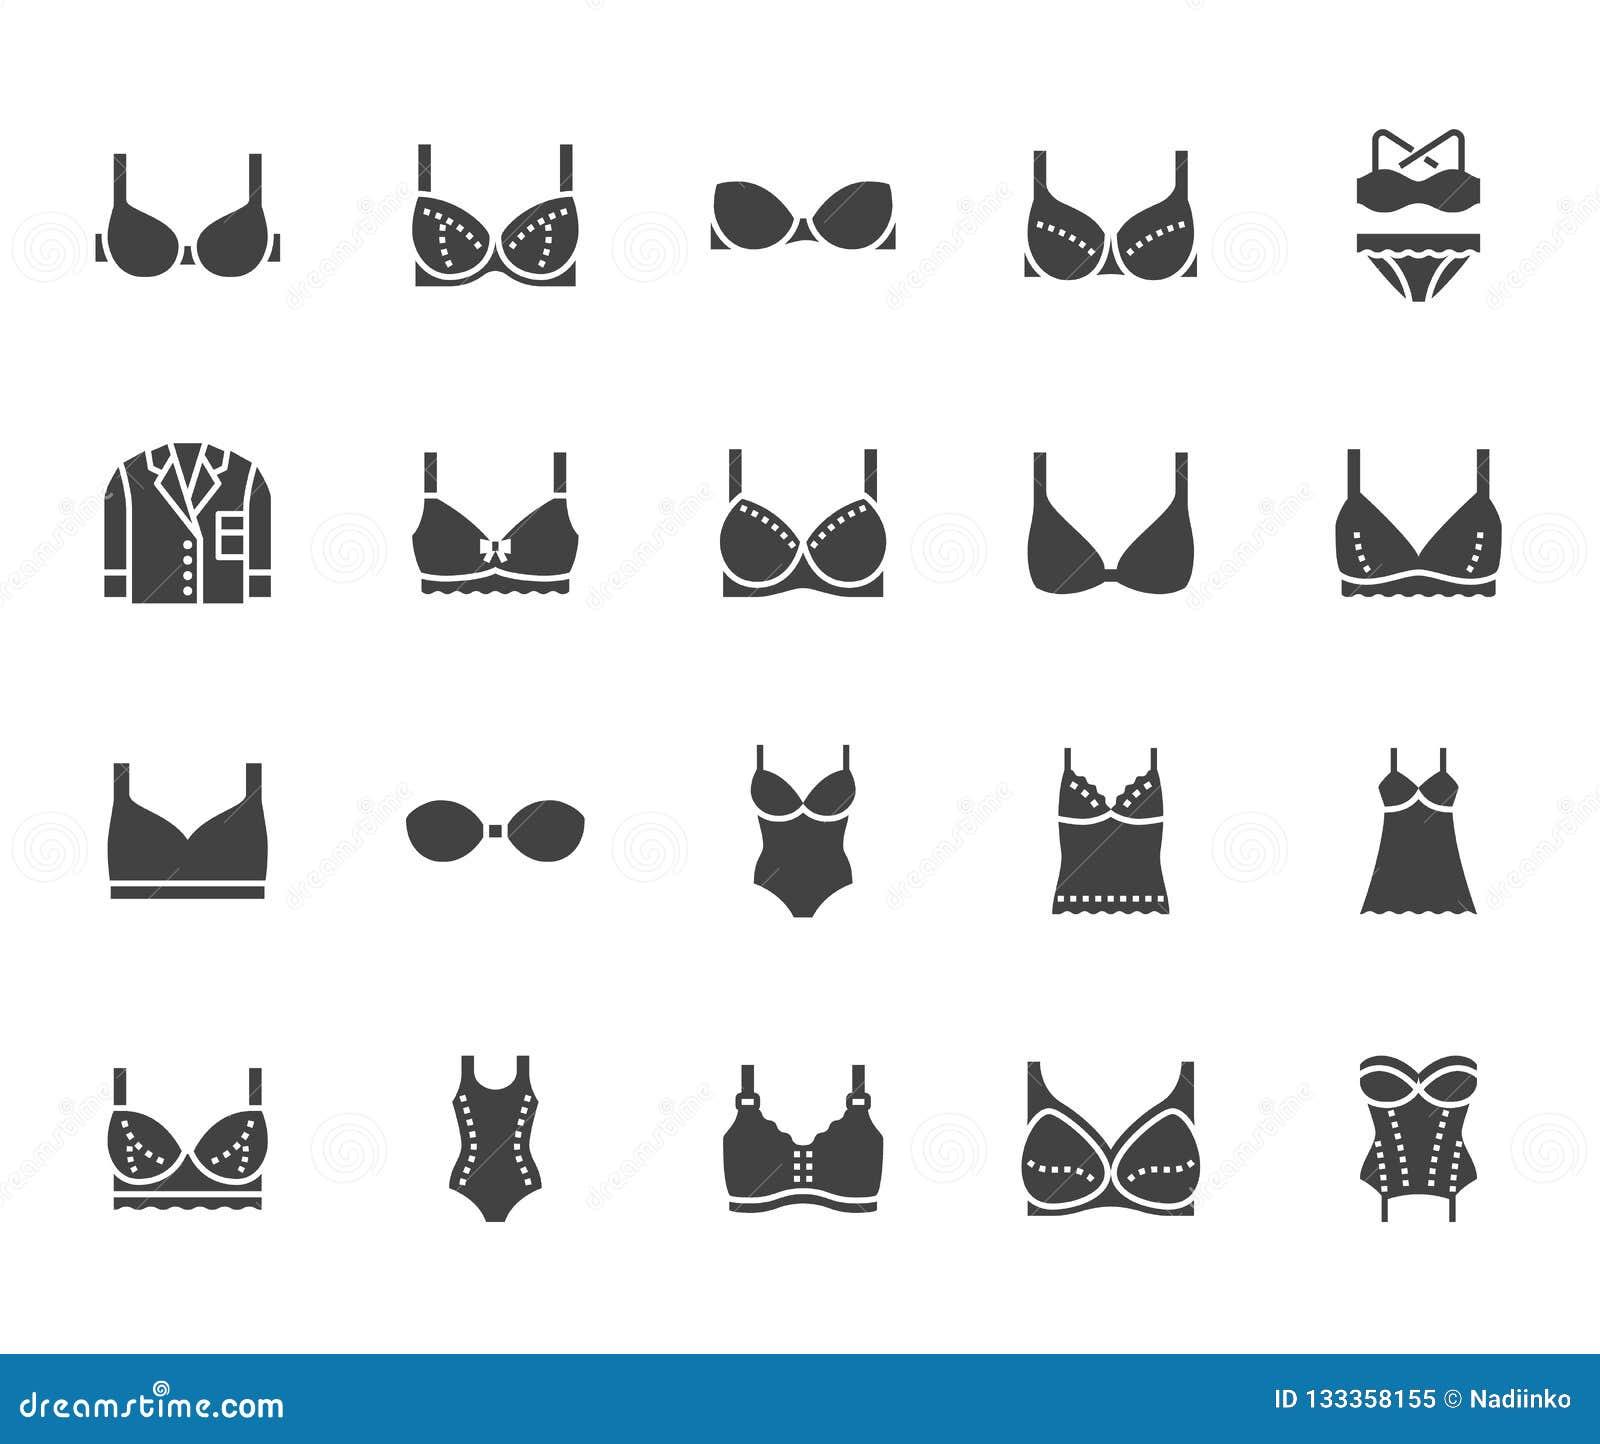 Lingerie επίπεδα εικονίδια glyph καθορισμένα Οι τύποι στηθοδέσμων, εσώρουχο γυναικών, στηθόδεσμος μητρότητας, πυτζάμες, swimwear,